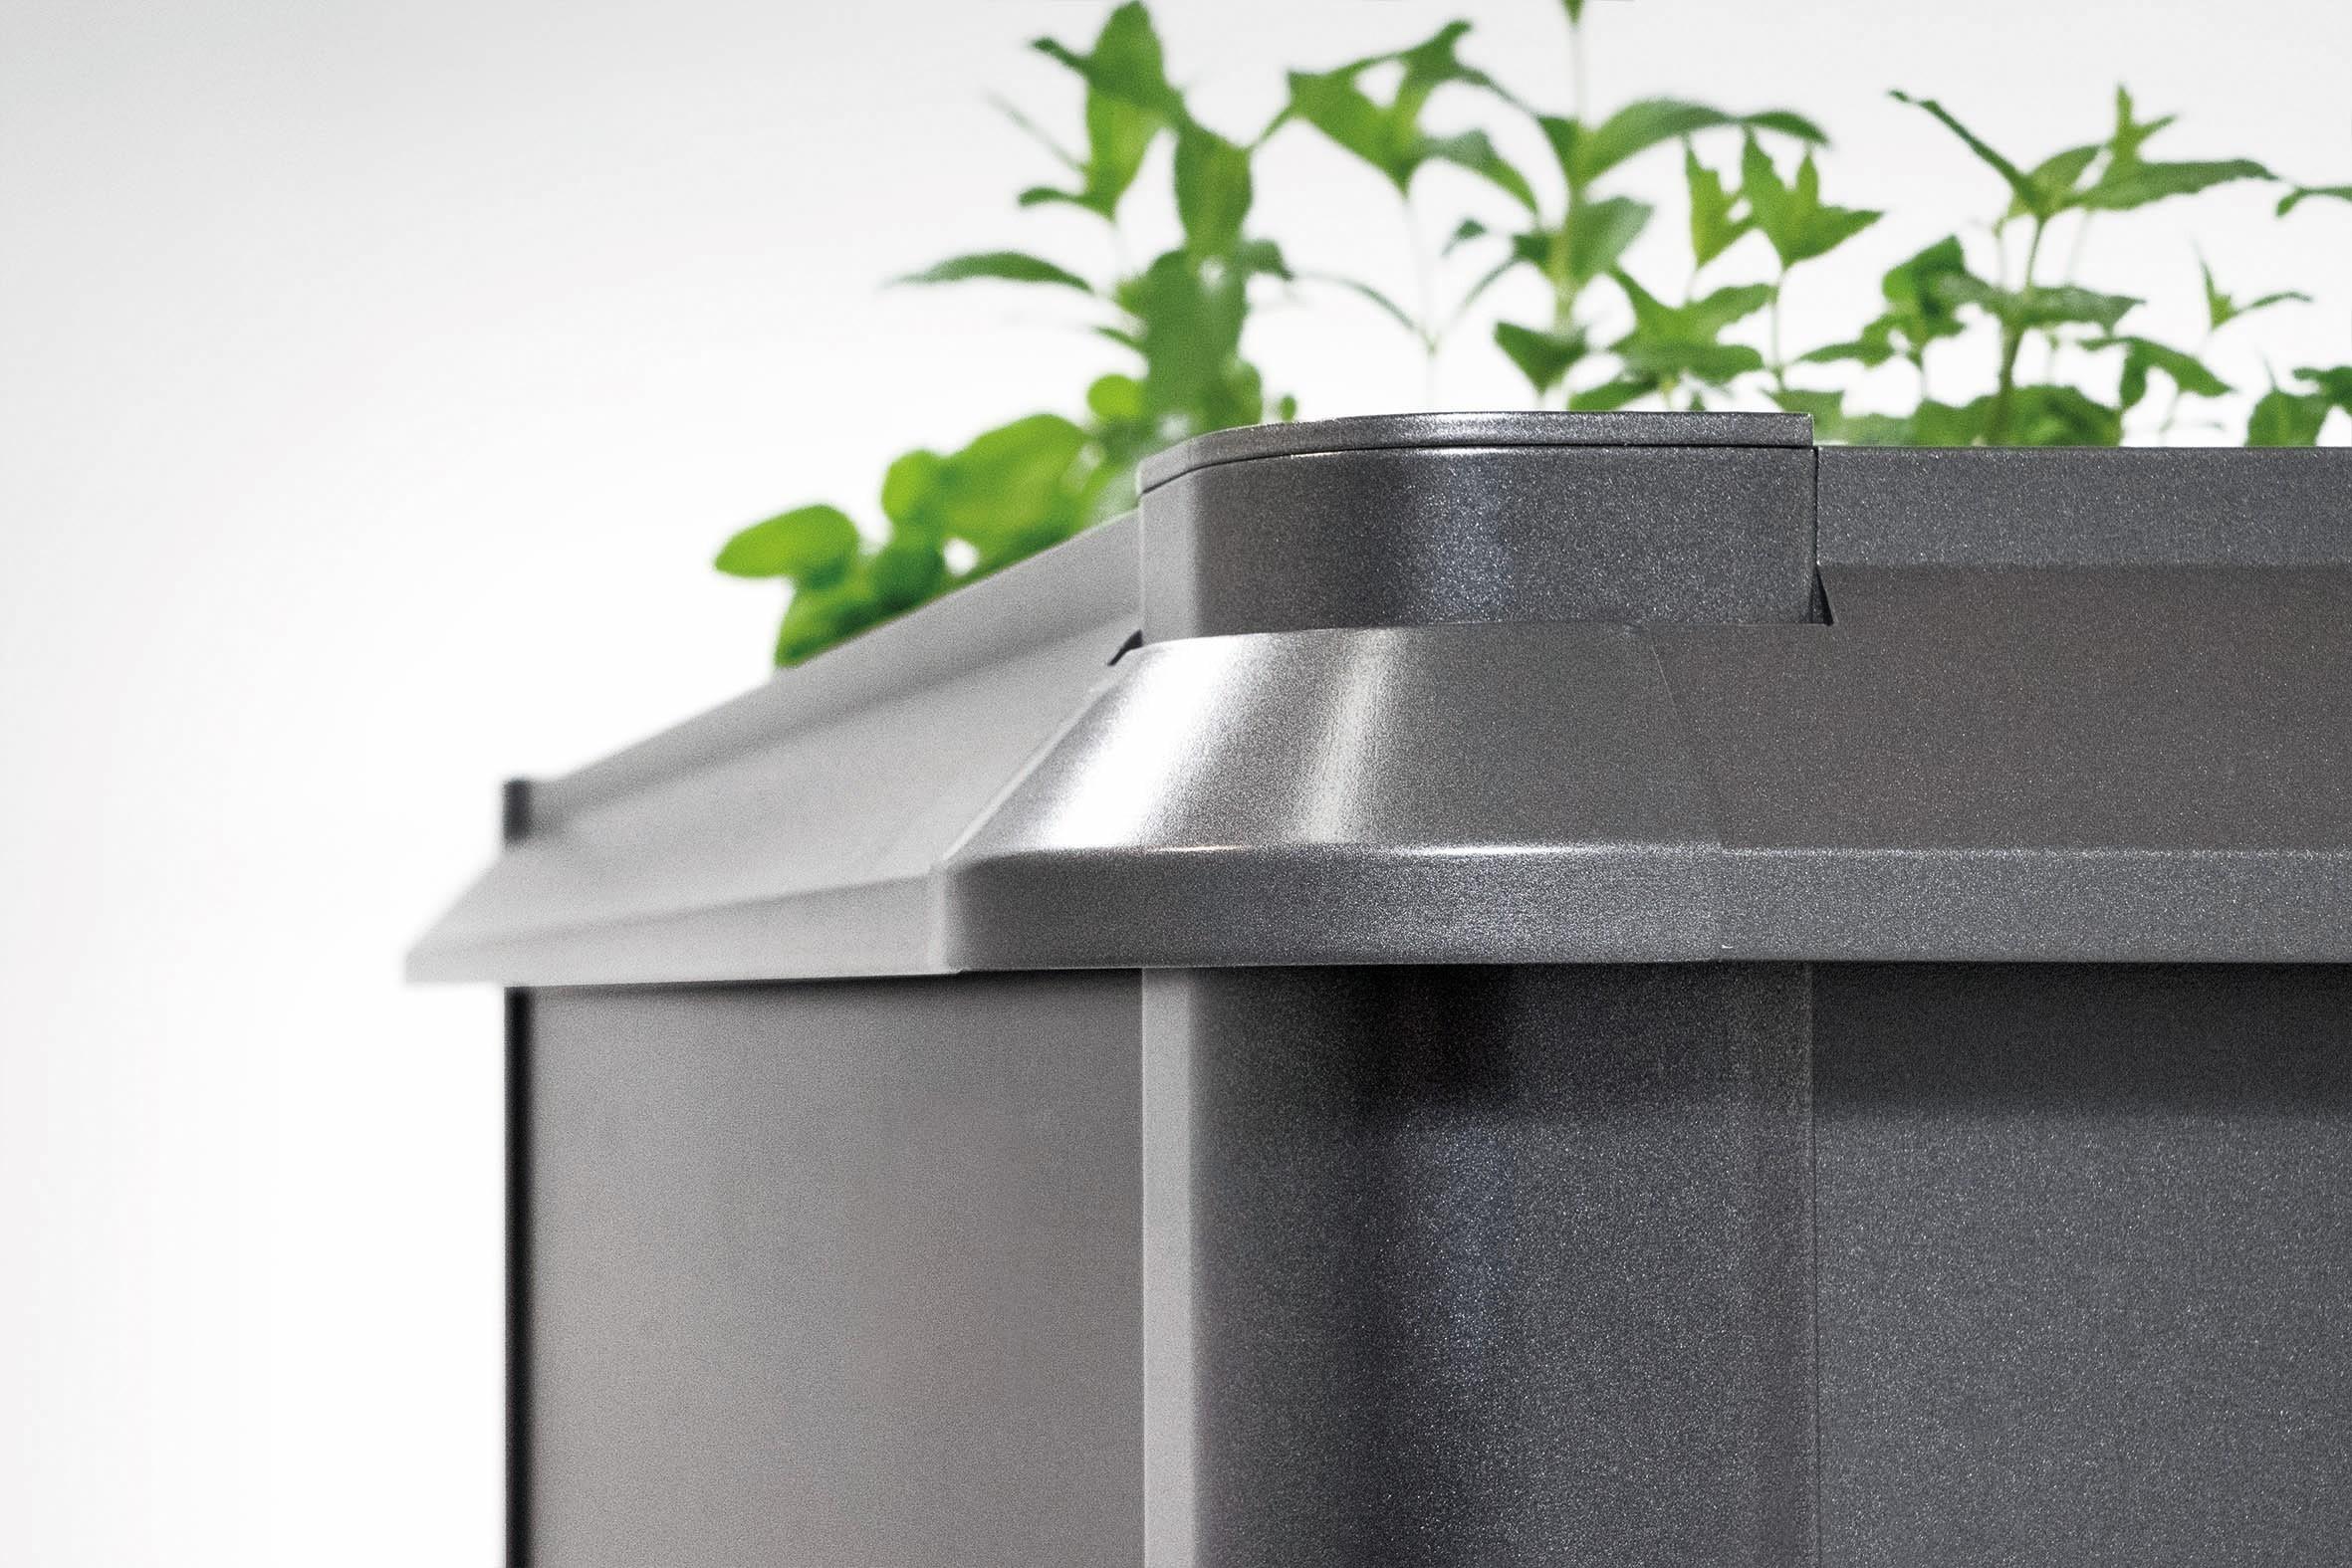 Schneckenschutz für Biohort Hochbeet 2x2 dunkelgrau-metallic Bild 1